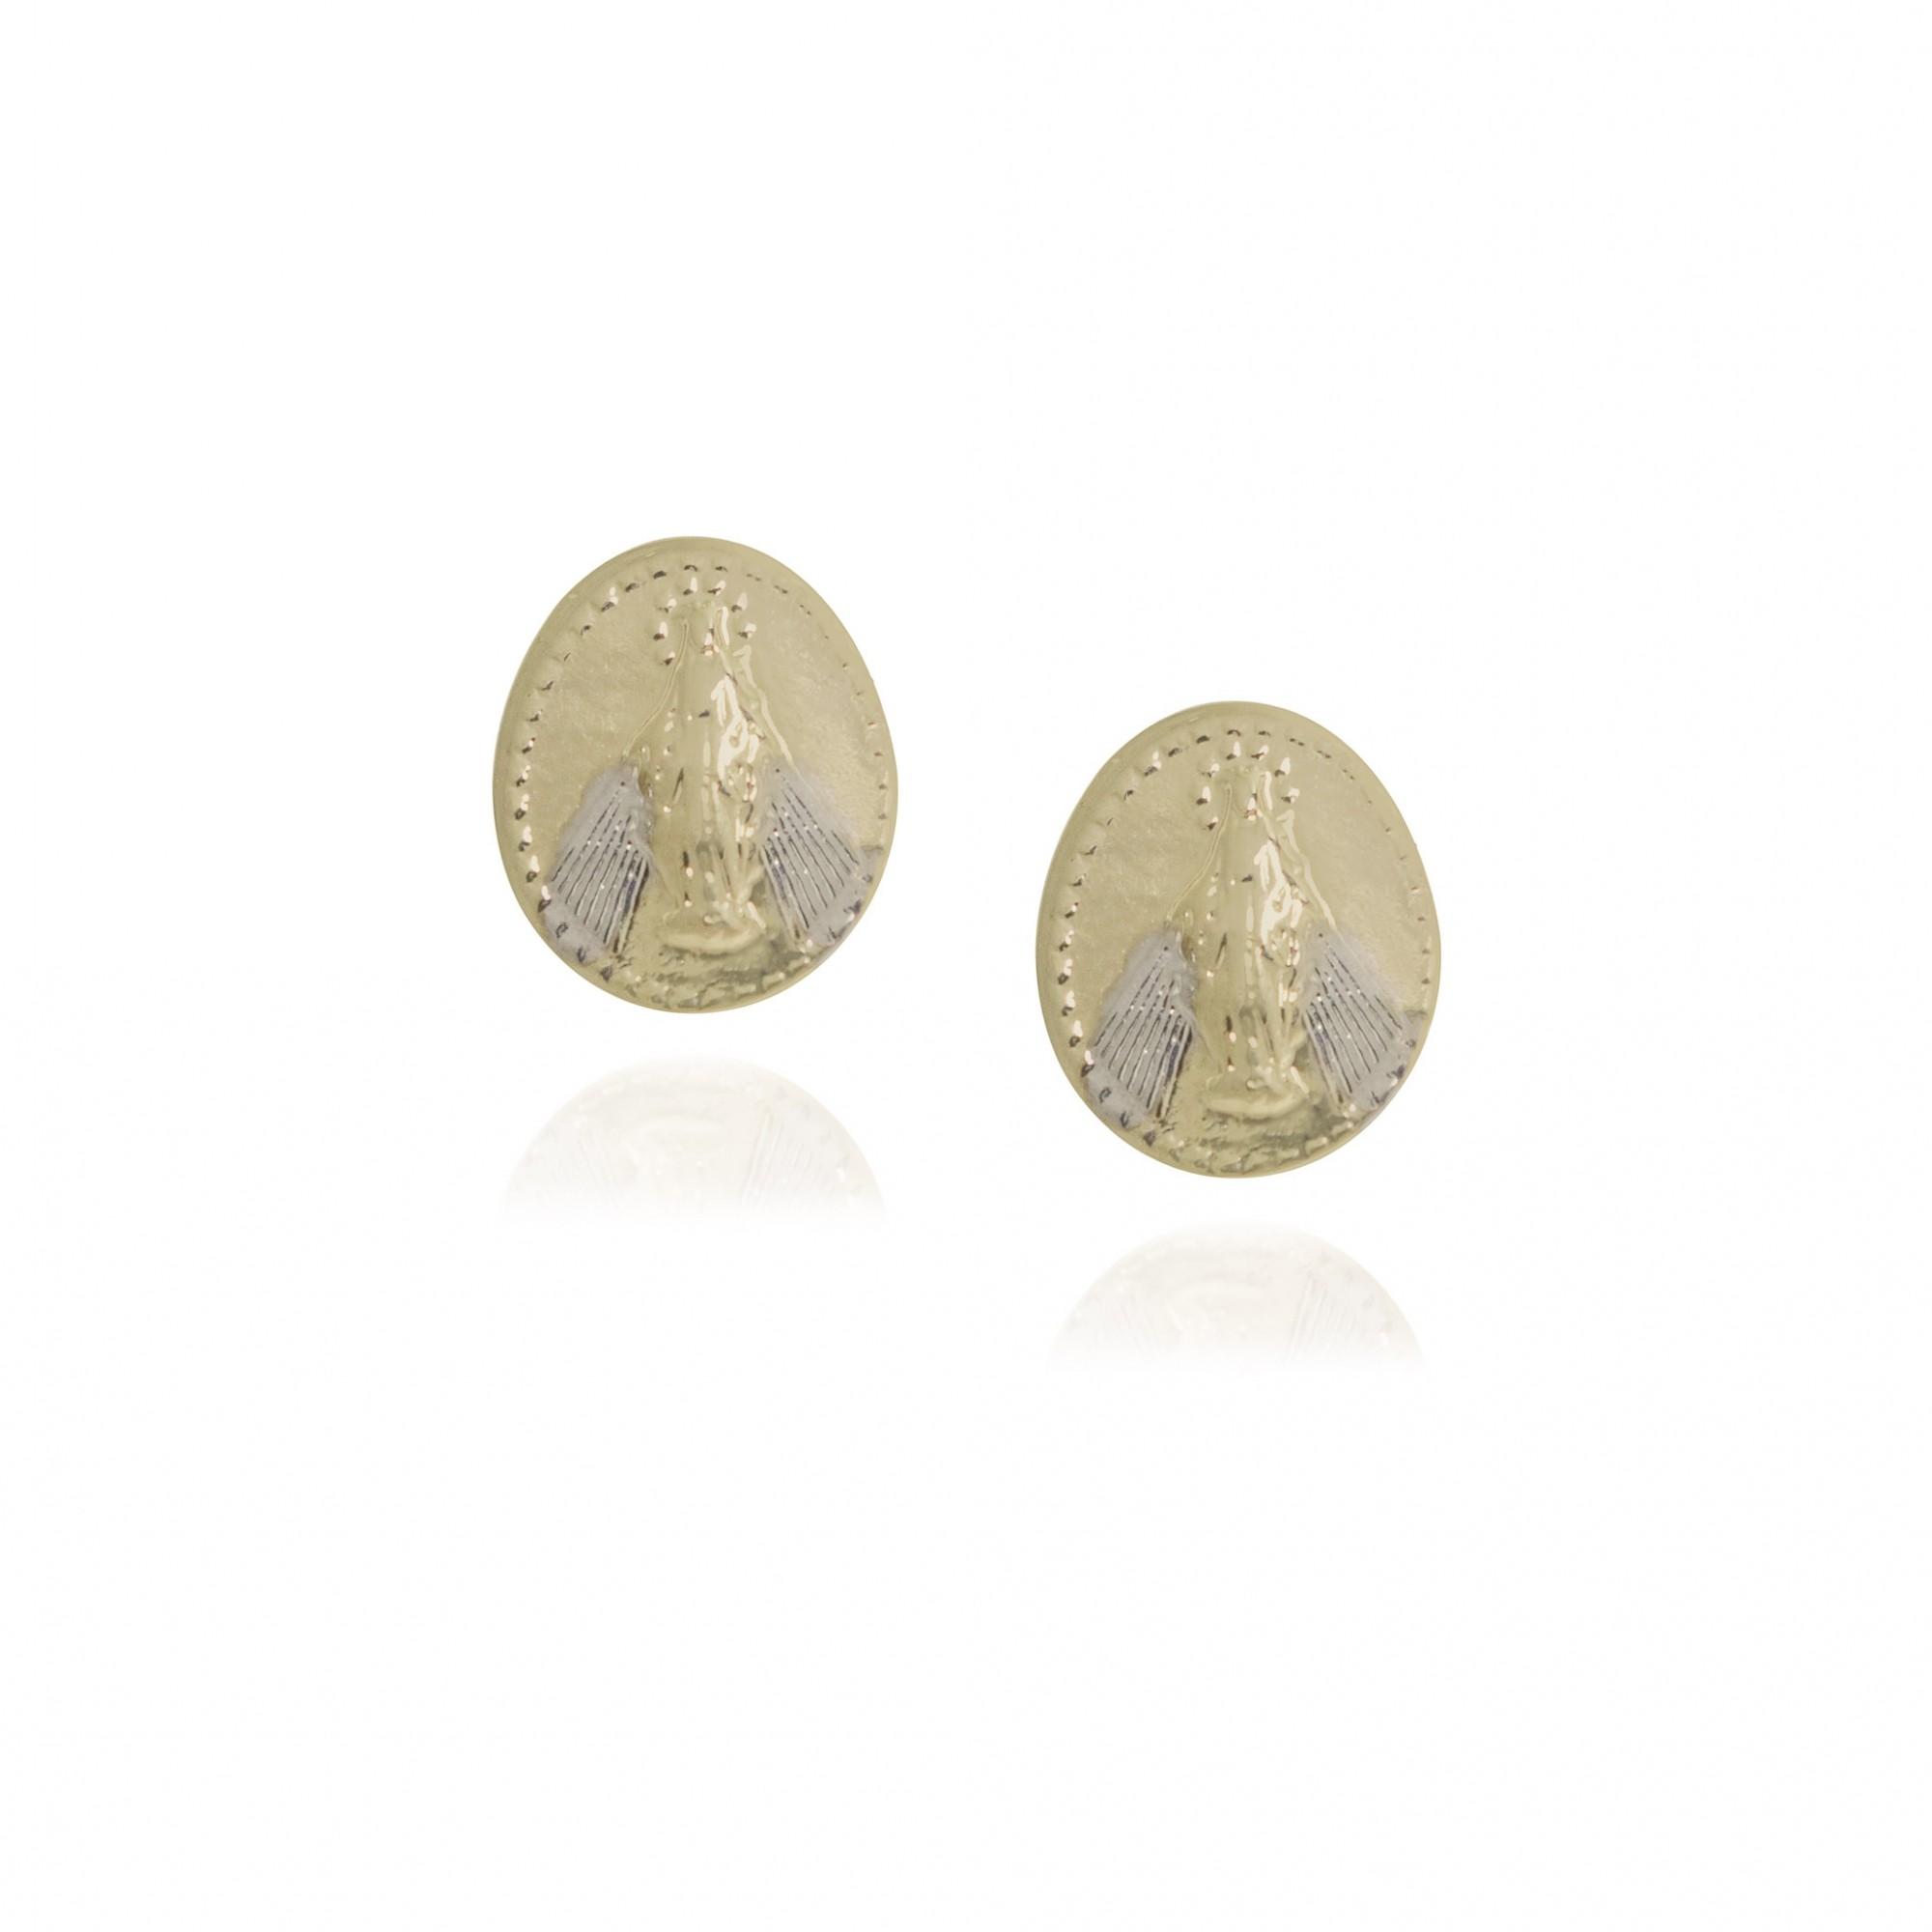 Brinco semijoia medalha Nossa Senhora das Graças folheado a ouro 18k ou ródio